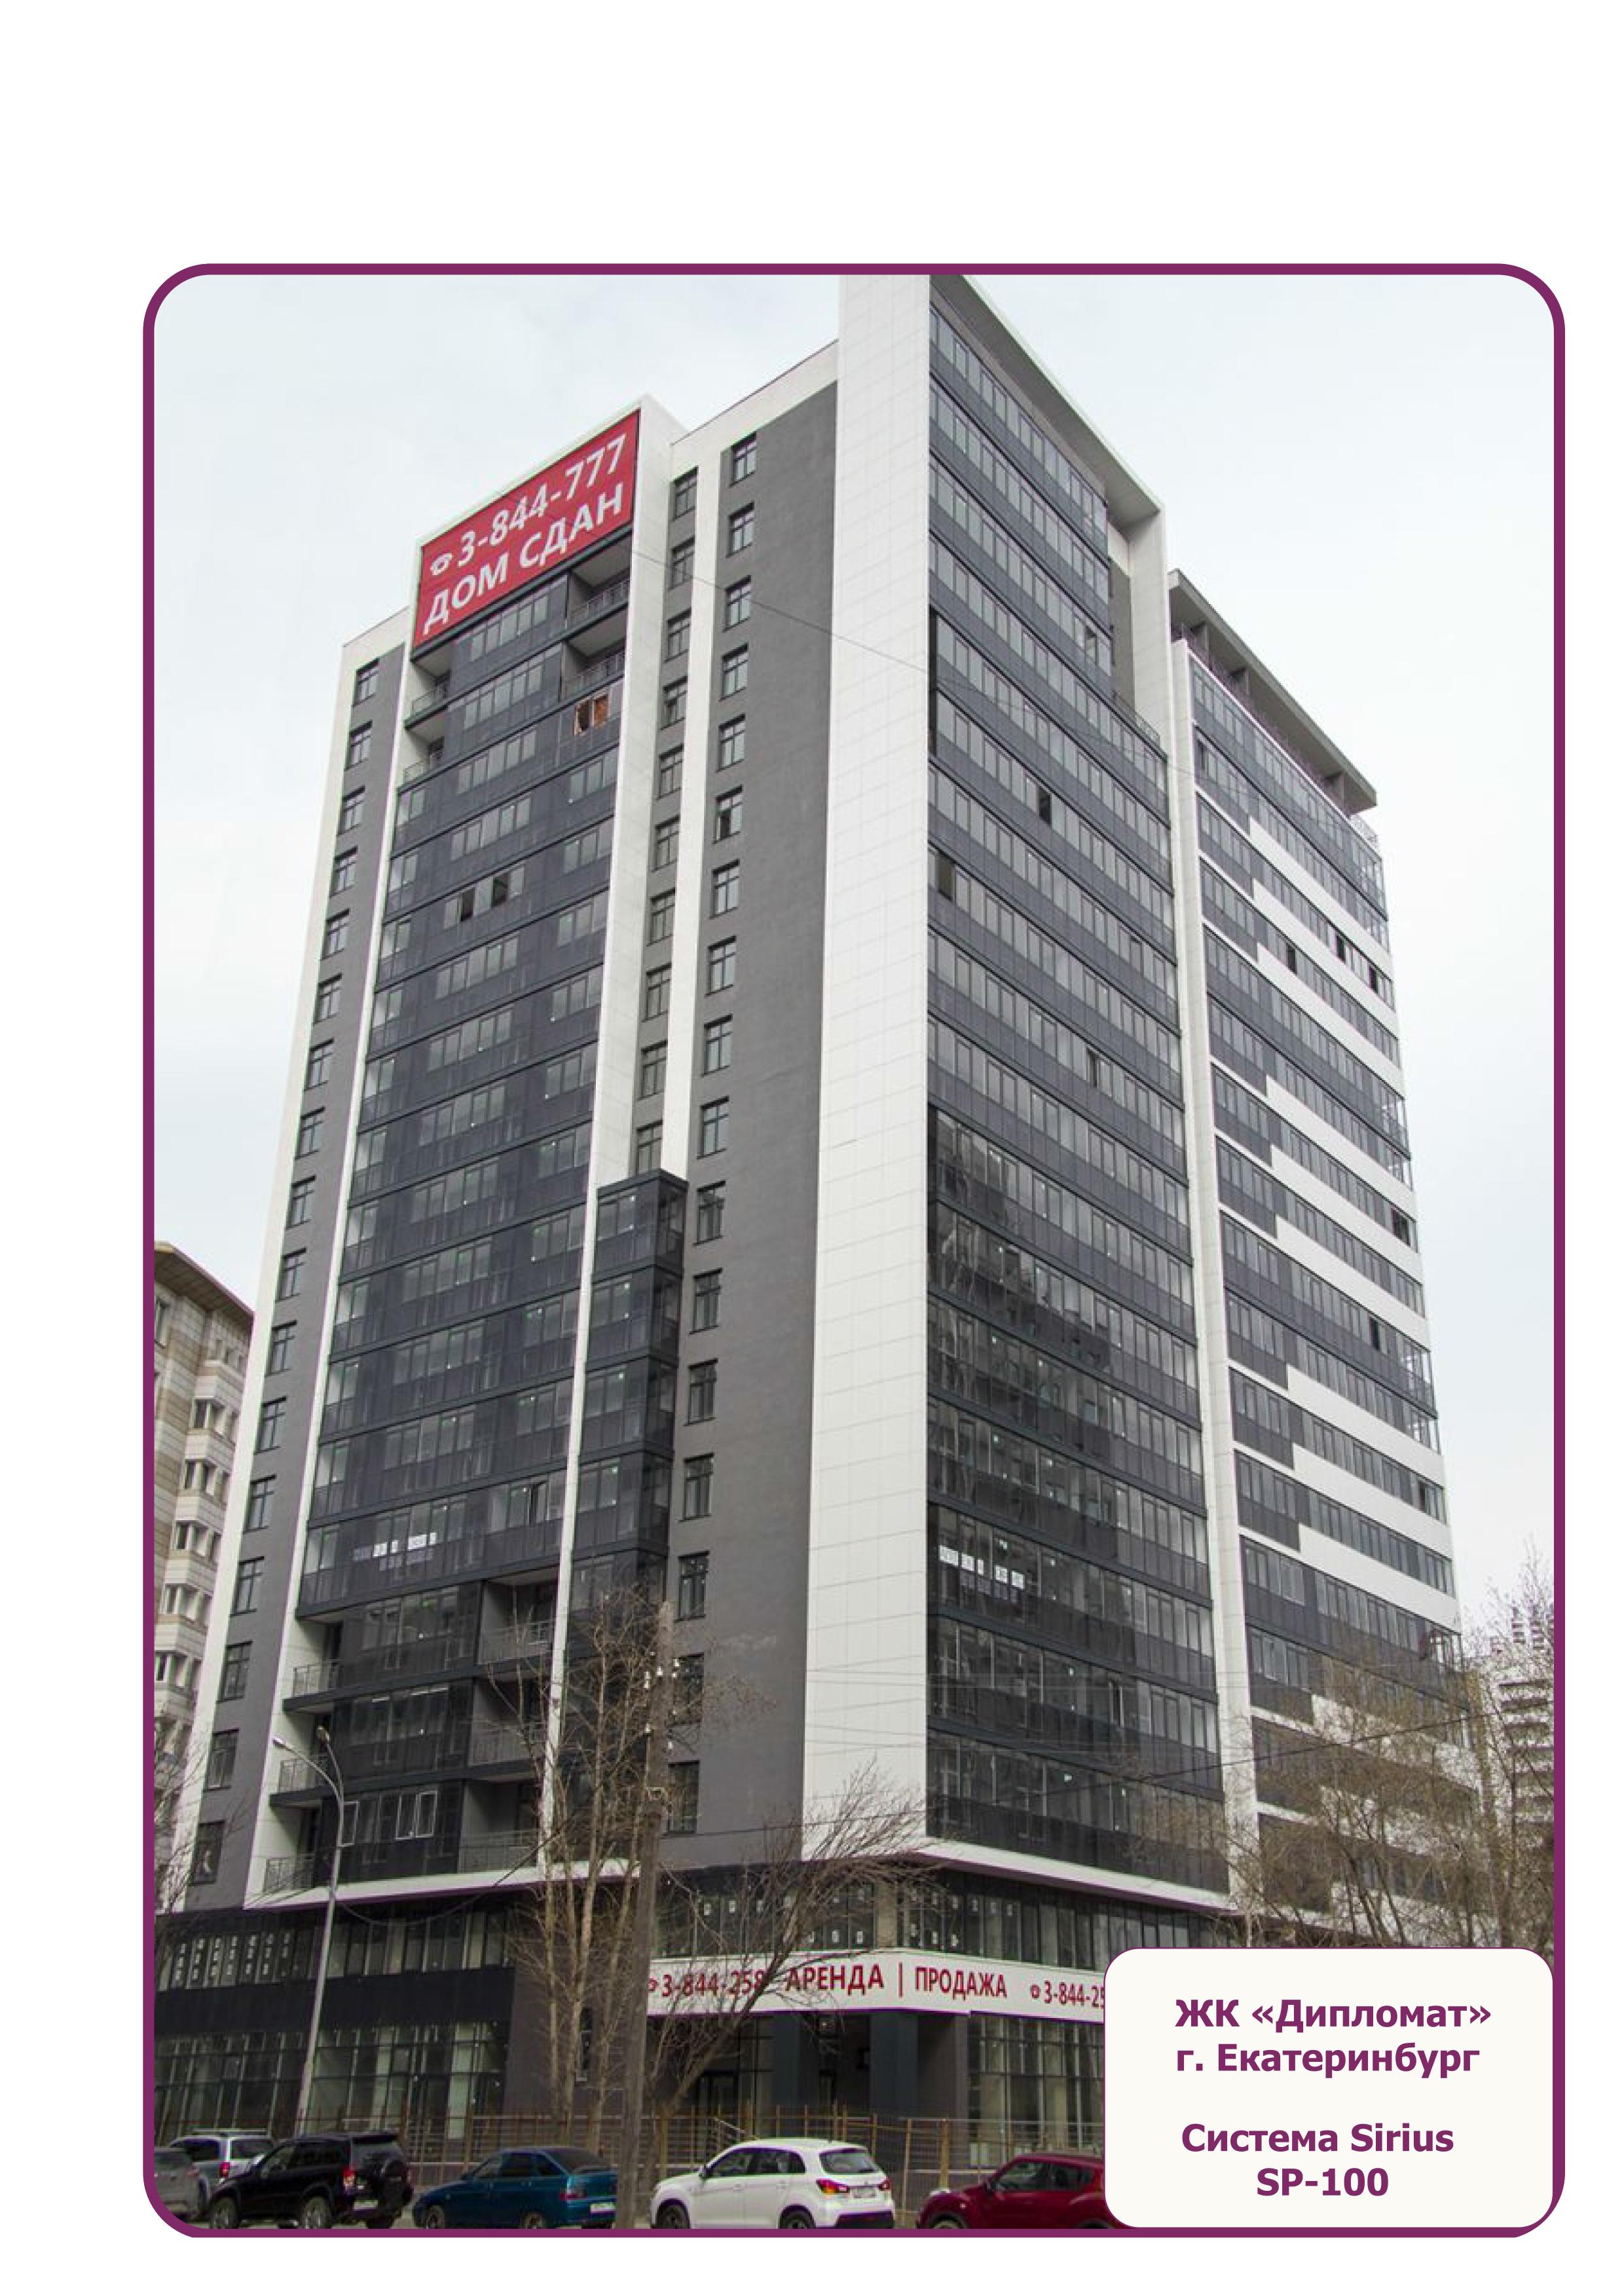 ЖК Дипломат г. Екатеринбург Фасад объекта облицован на алюминиевой подсистеме SIRIUS SP-100 - керамогранитная плитка, усиленный профиль замкнутого сечения